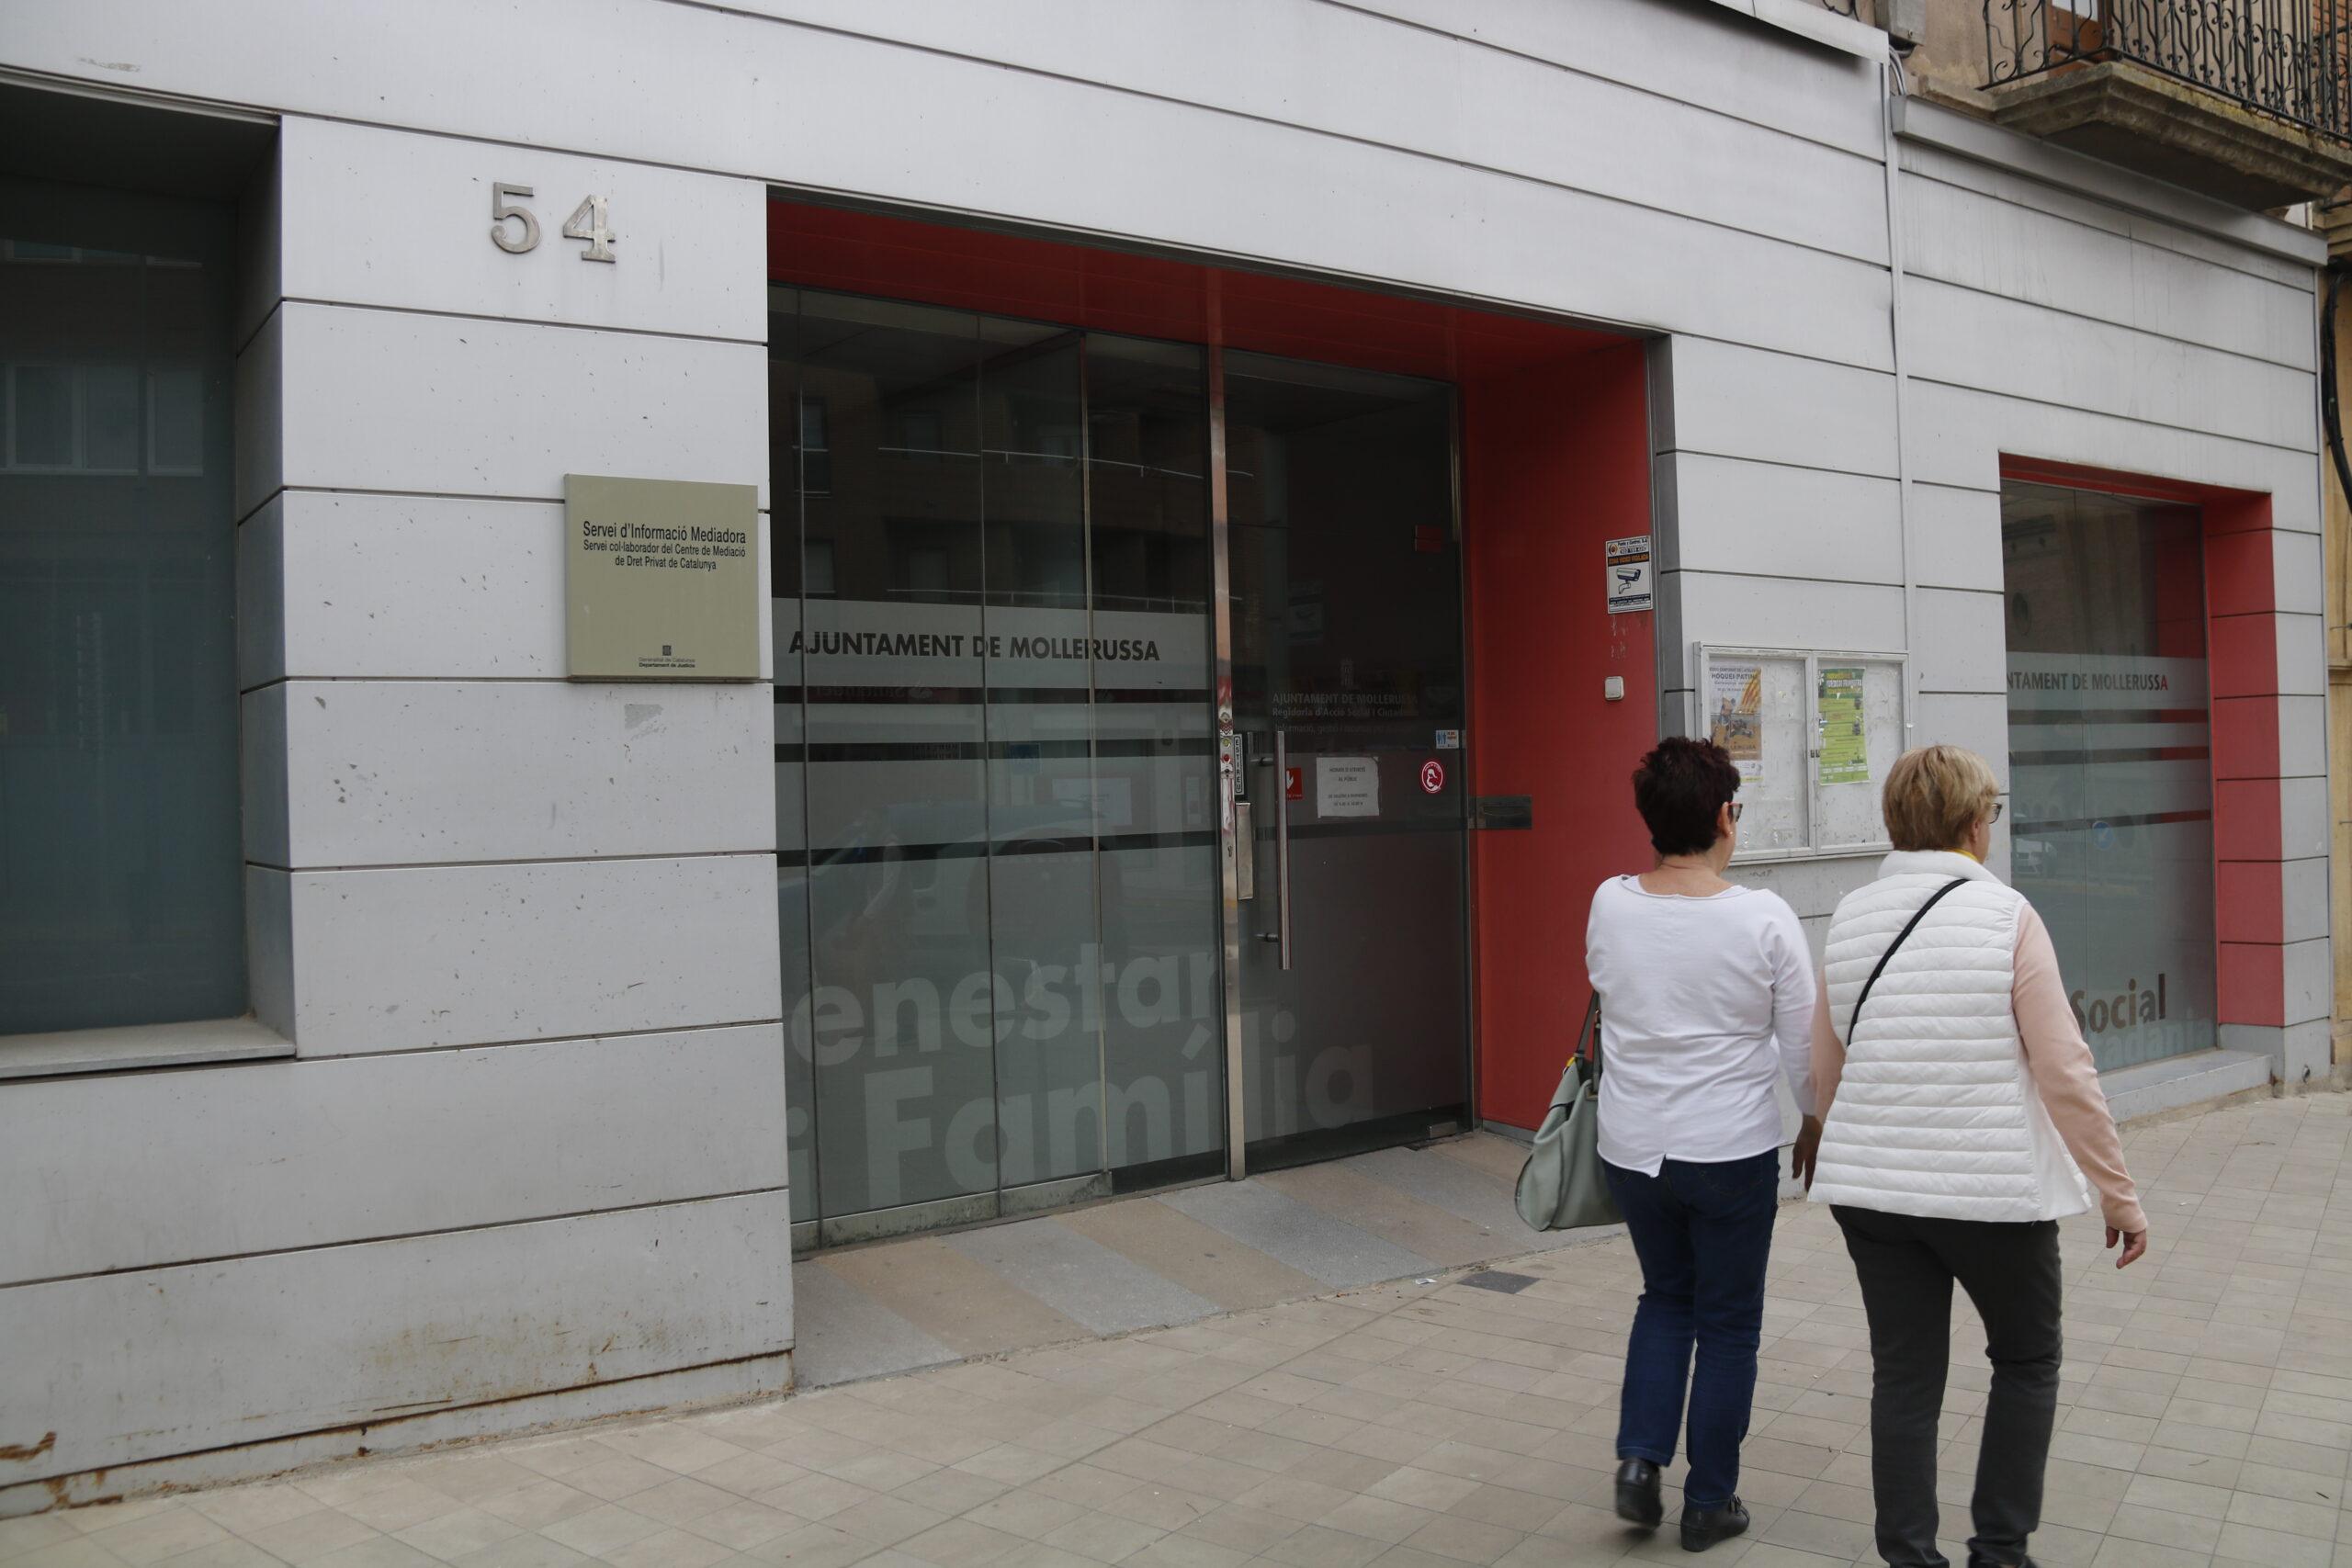 Pla obert on es pot veure la regidoria de Benestar Social i Ciutadania on treballa el tècnic de l'Ajuntament de Mollerussa detingut per corrupció de menors, el 9 de maig de 2019. (Horitzontal)